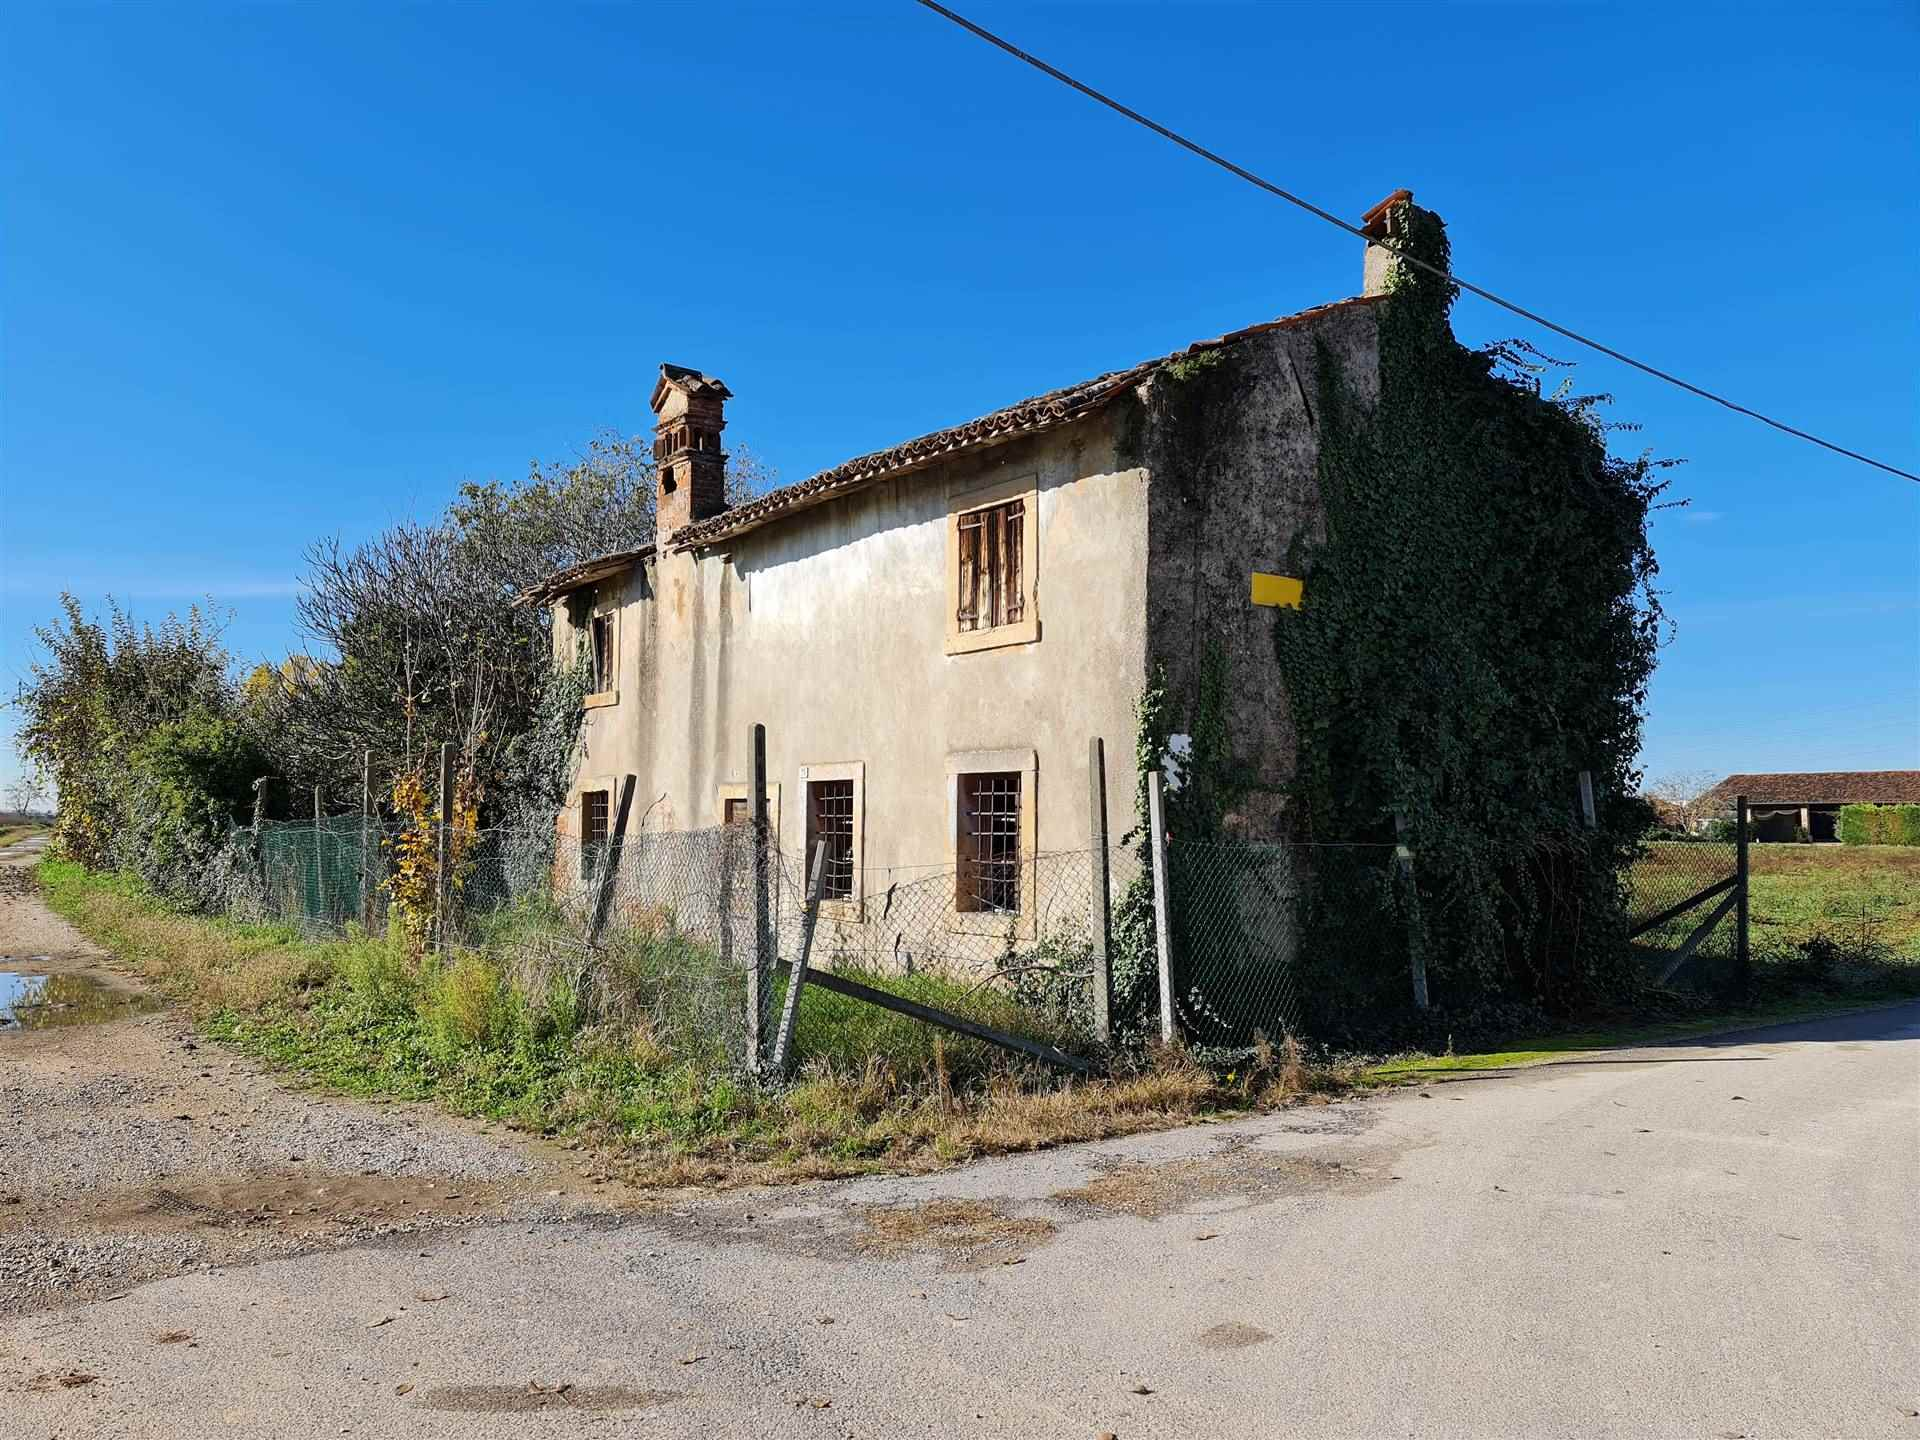 Rustico / Casale in vendita a Villafranca di Verona, 5 locali, prezzo € 220.000 | CambioCasa.it